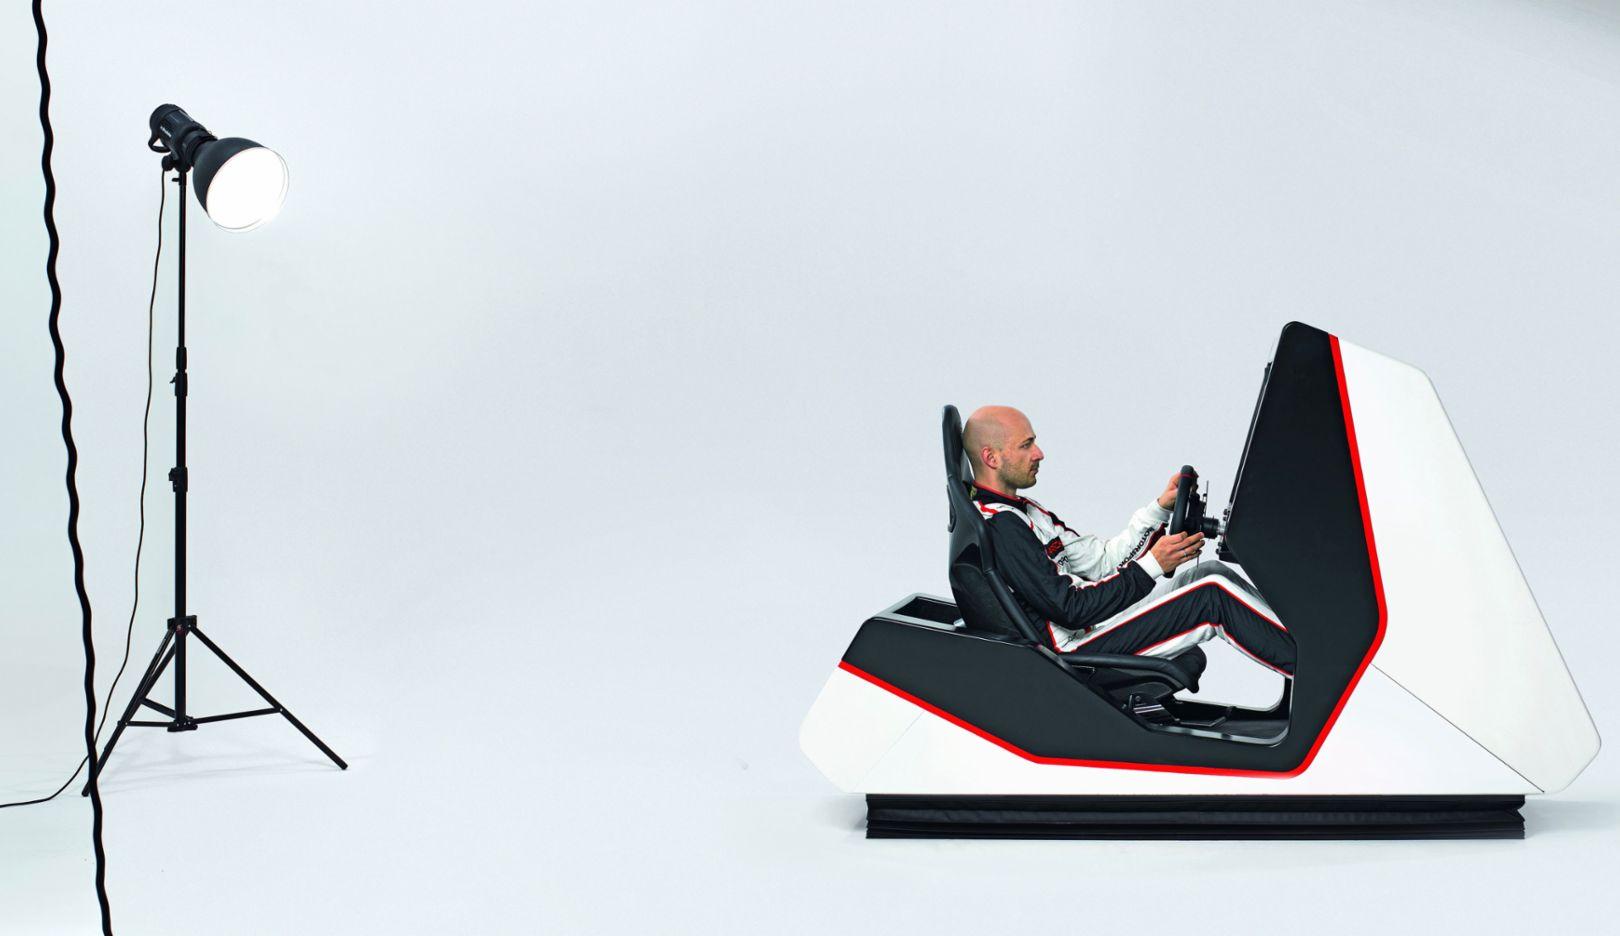 Simulator, 2018, Porsche AG